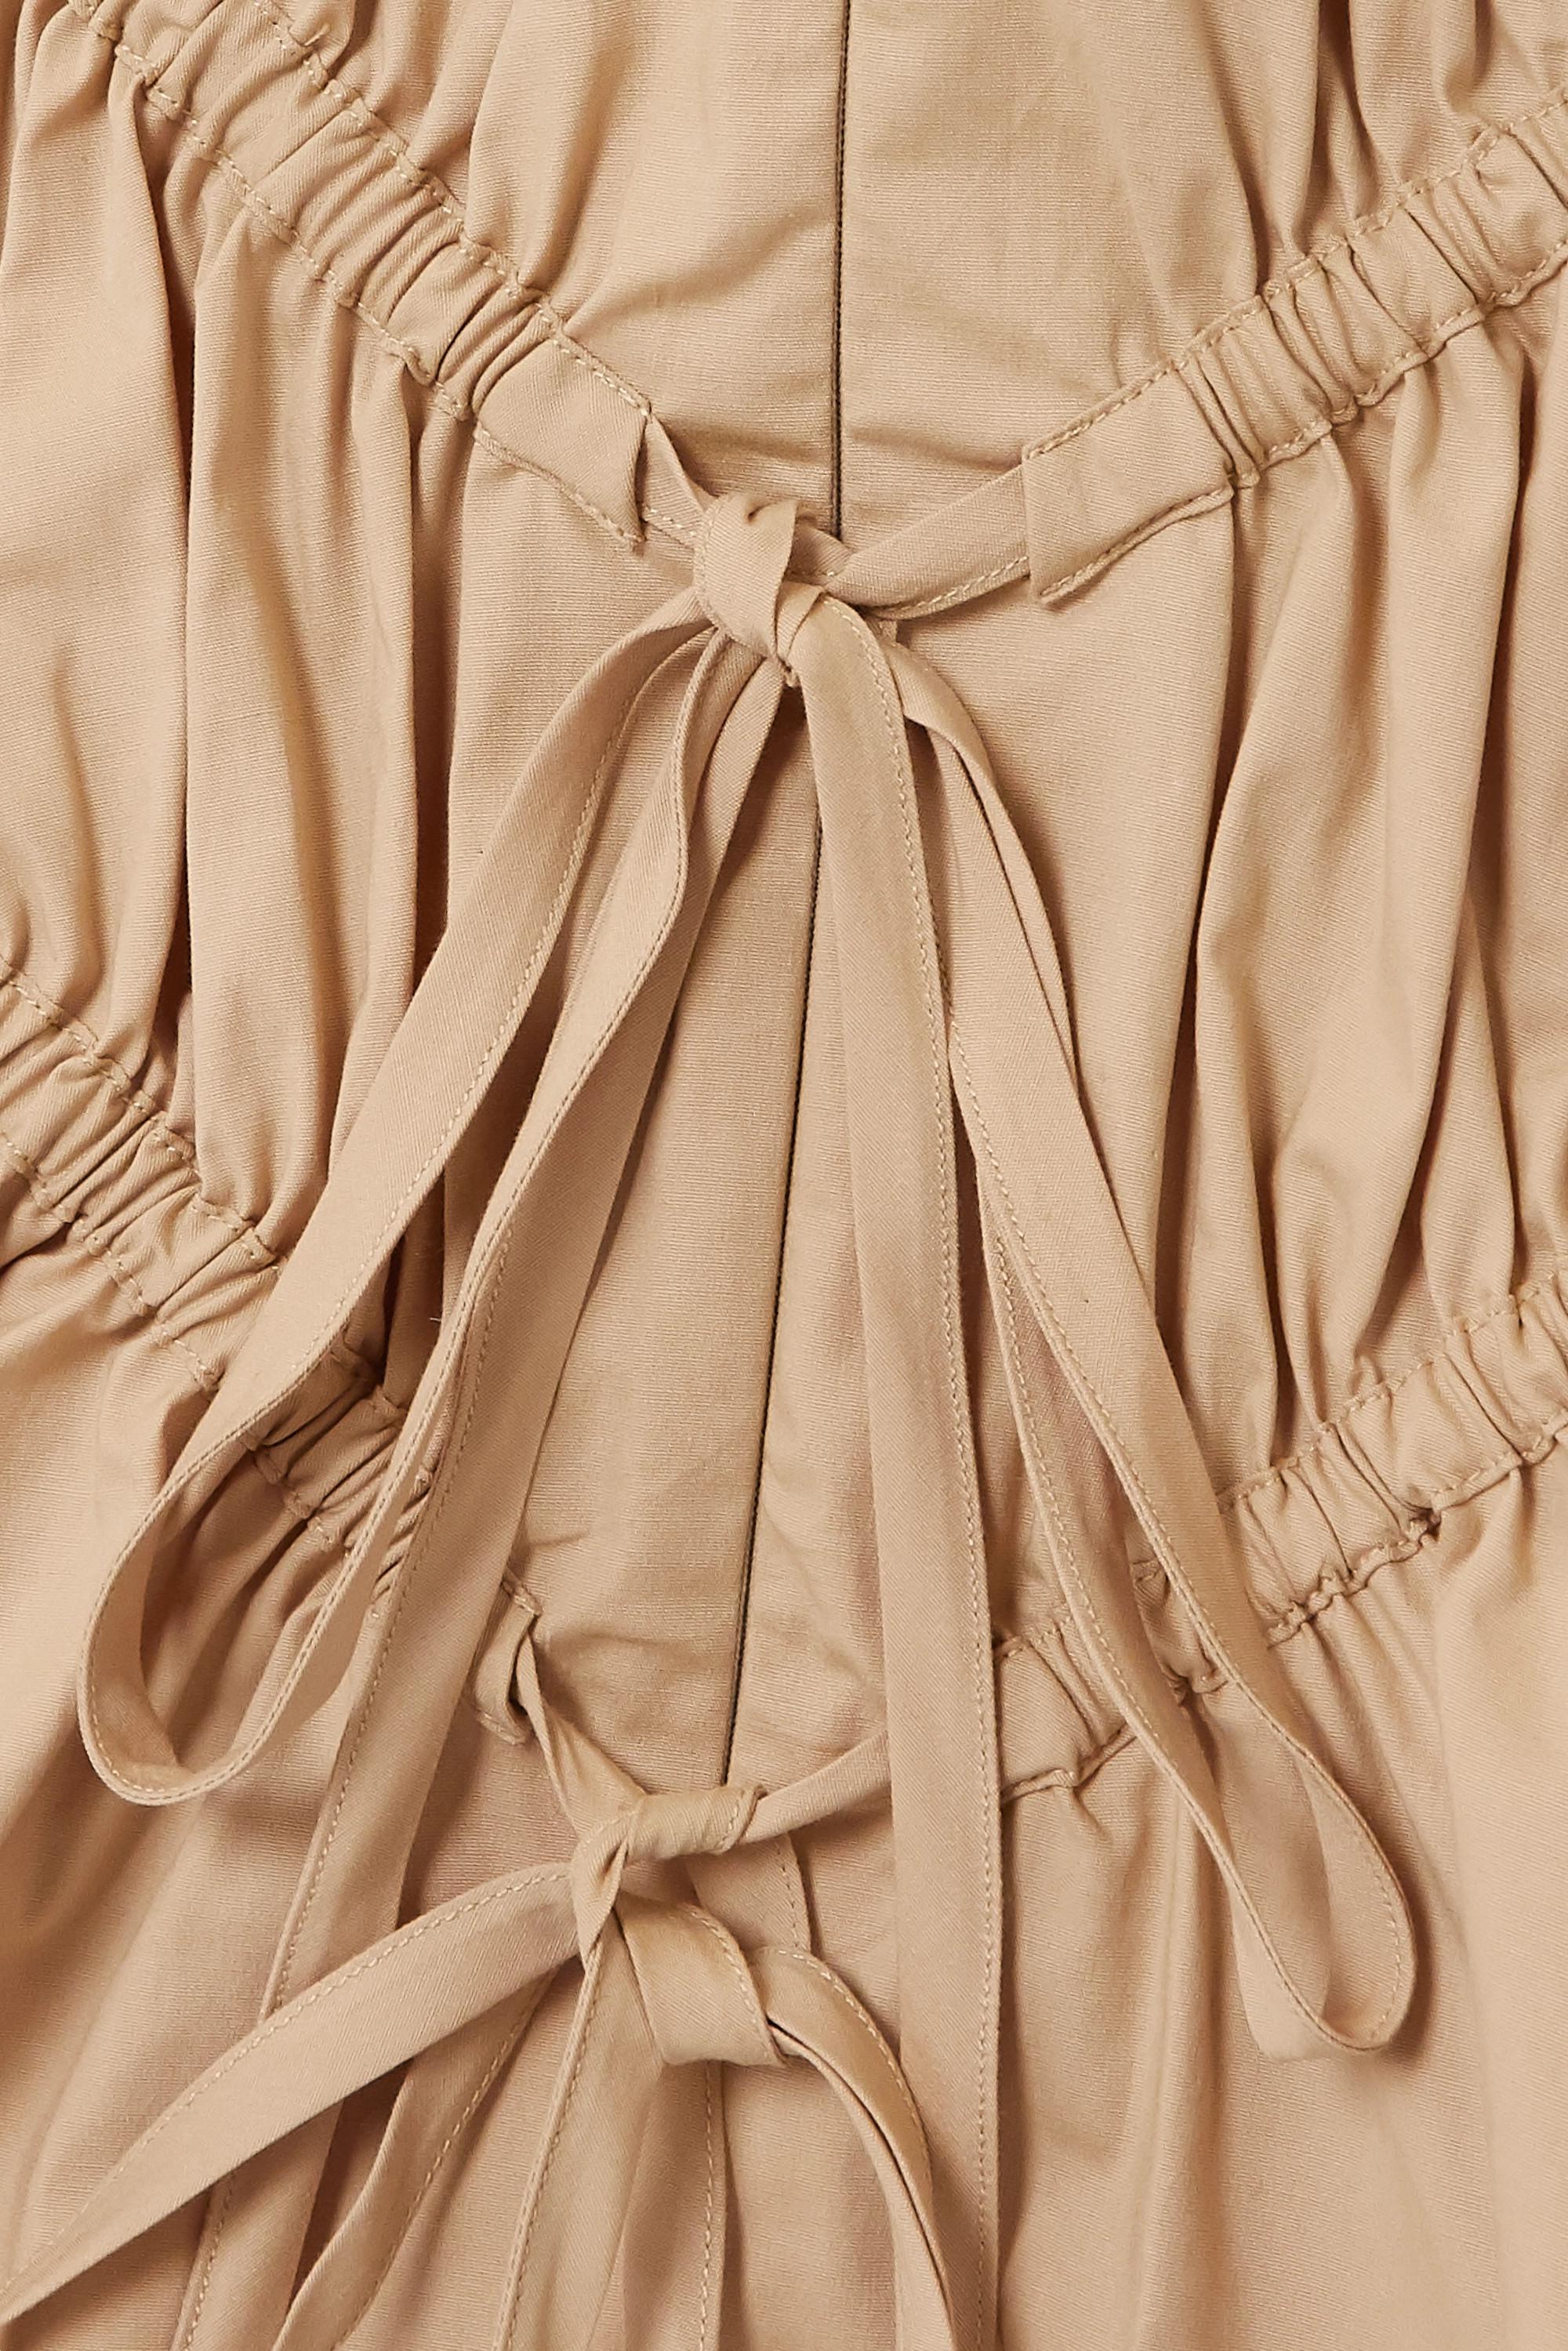 Renaissance Renaissance Crimes tie-detailed ruched cotton-blend top